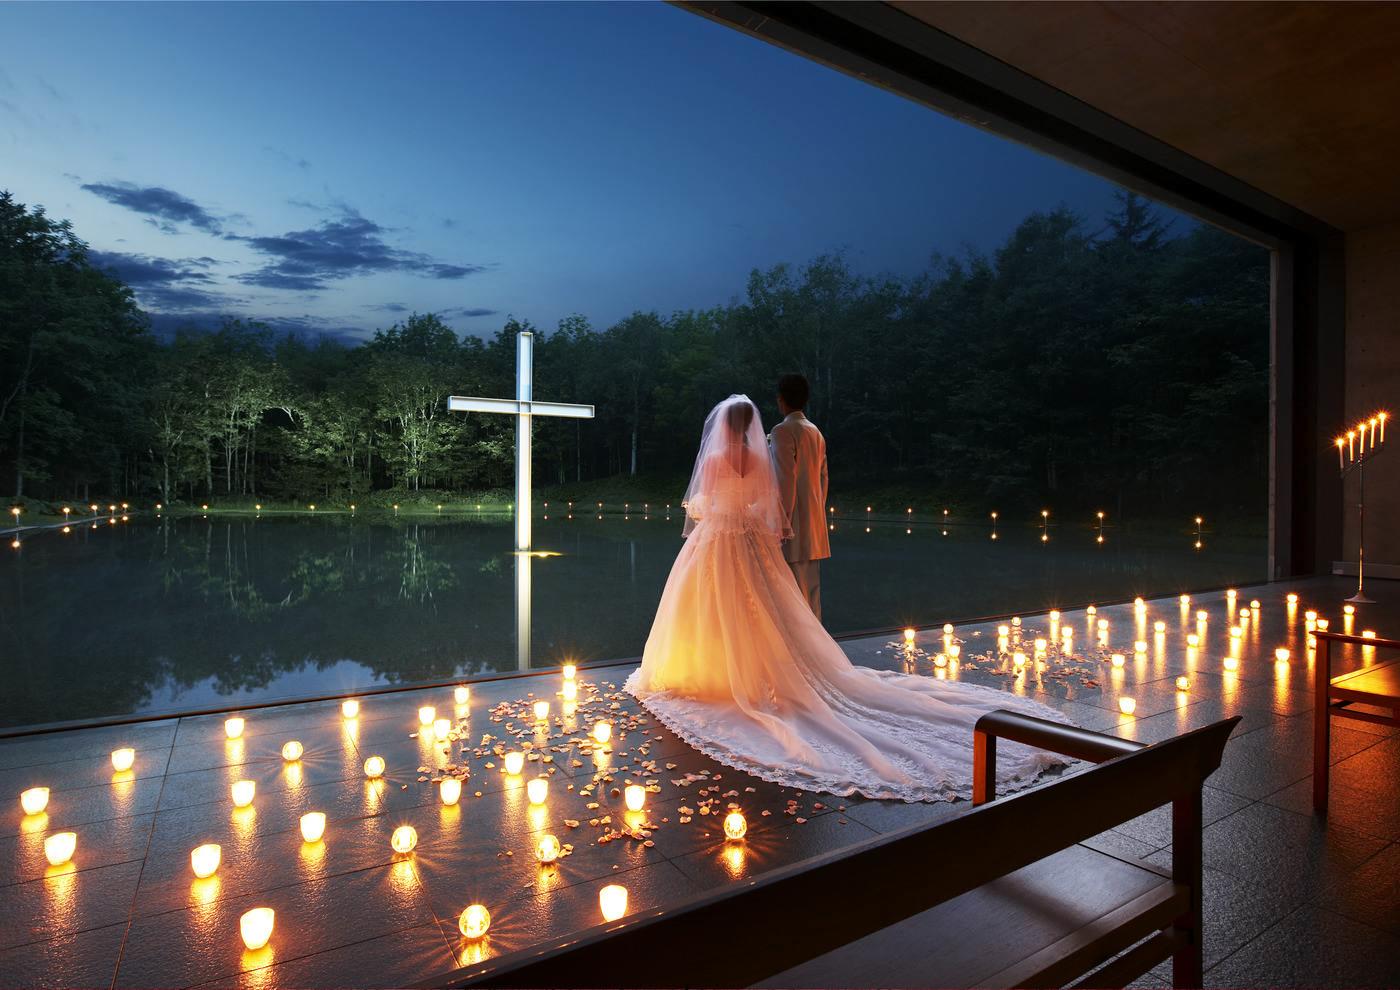 福岡県内で結婚式を考える人へ!福岡県内の結婚式場をご紹介しますのサムネイル画像